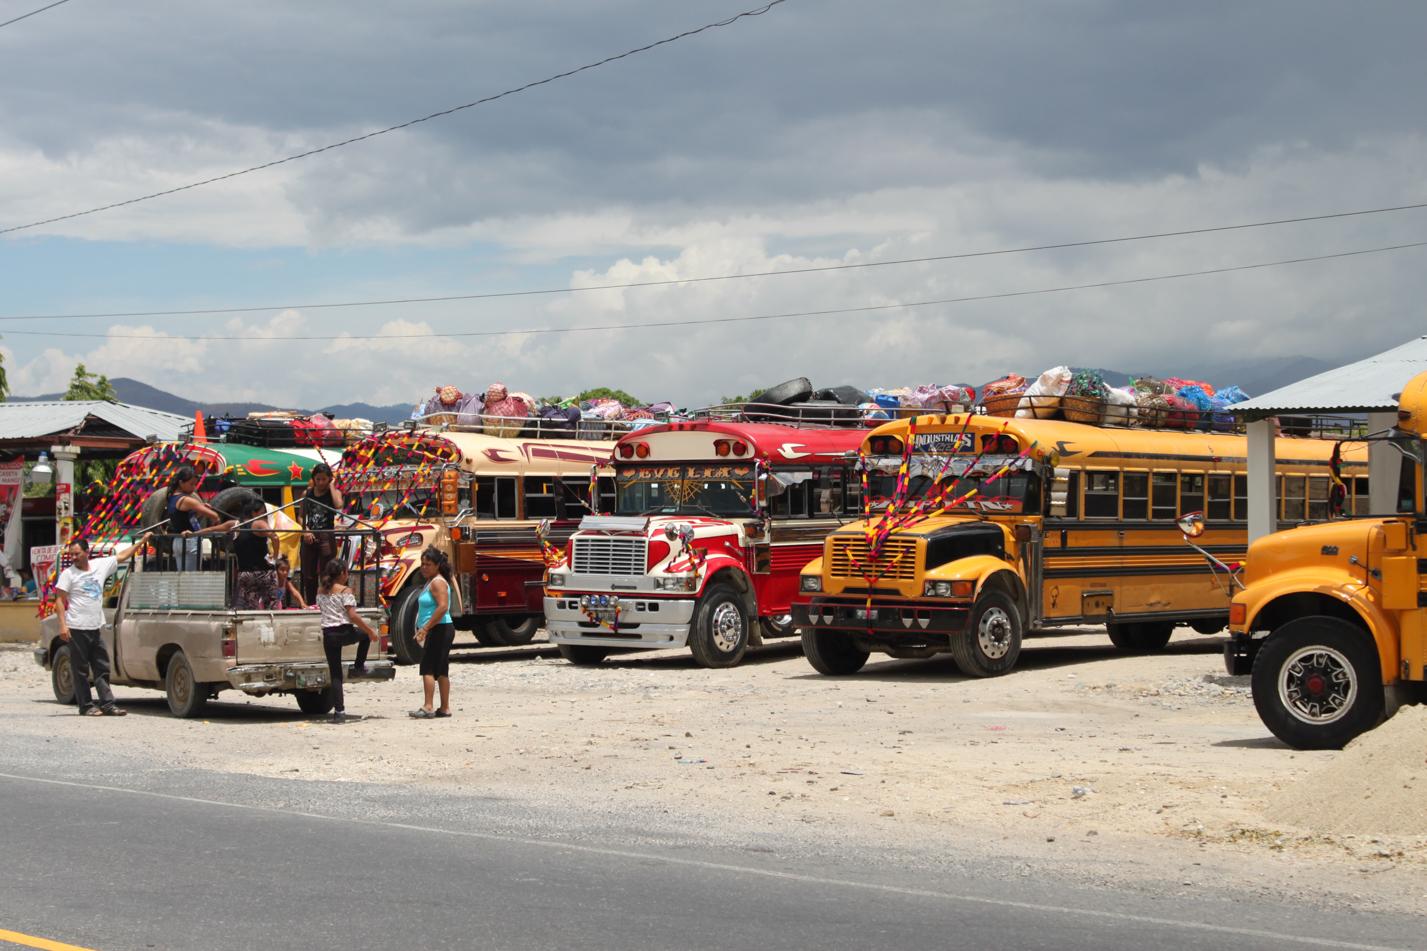 Der ausgemusterte amerikanische Schulbus ist DAS Fortbewegungsmittel in Centralamerika.